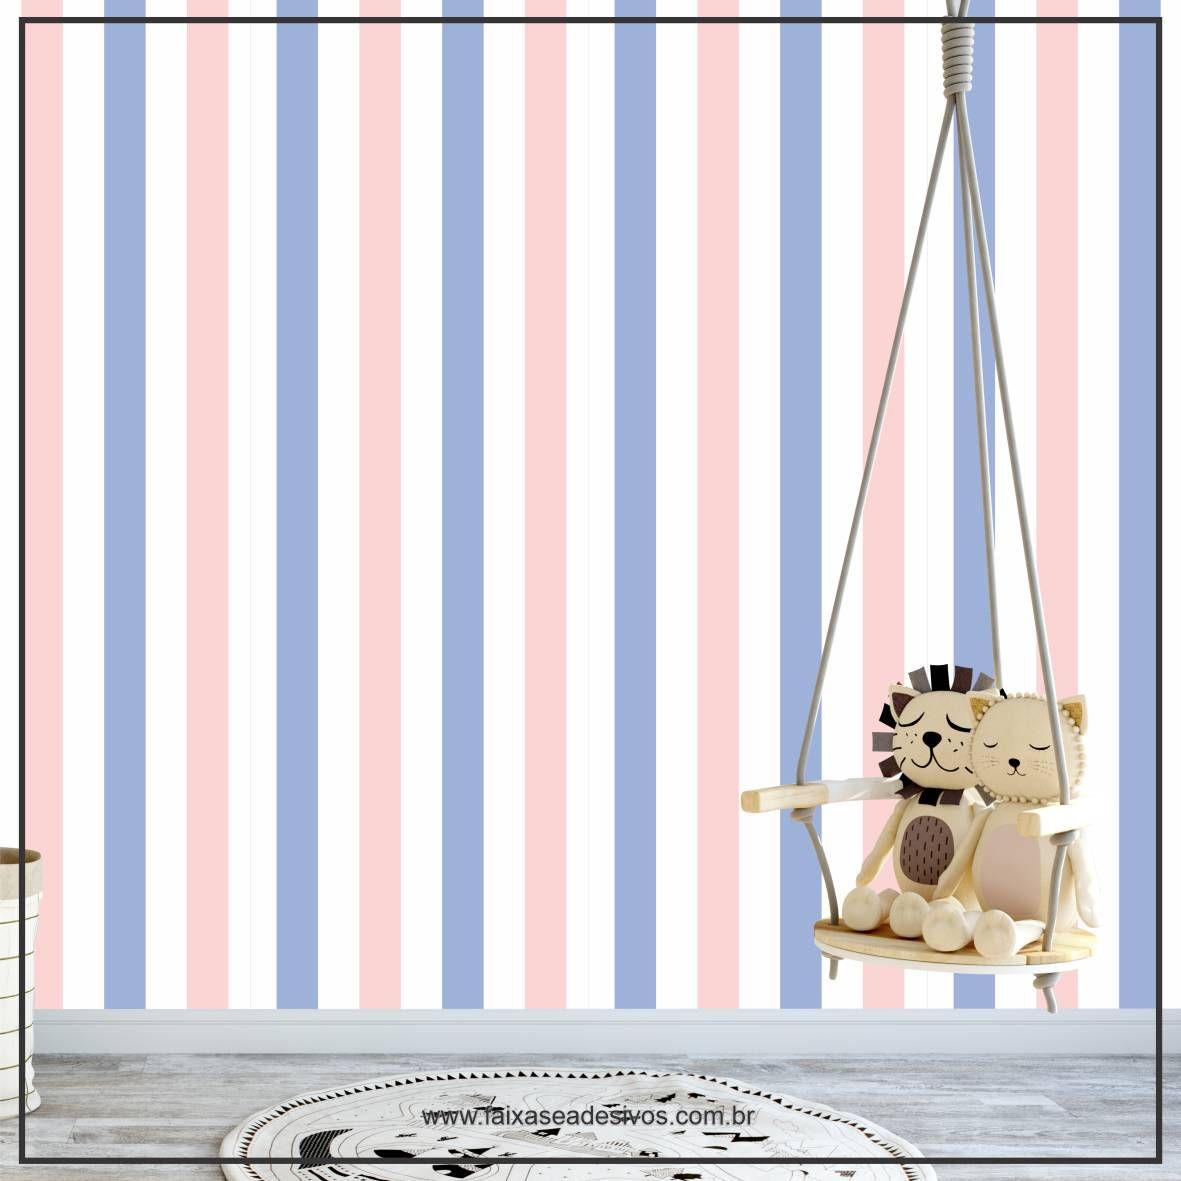 021 - Adesivo Decorativo de parede Listras azul e rosa - 58cm larg  - FAC Signs Impressão Digital